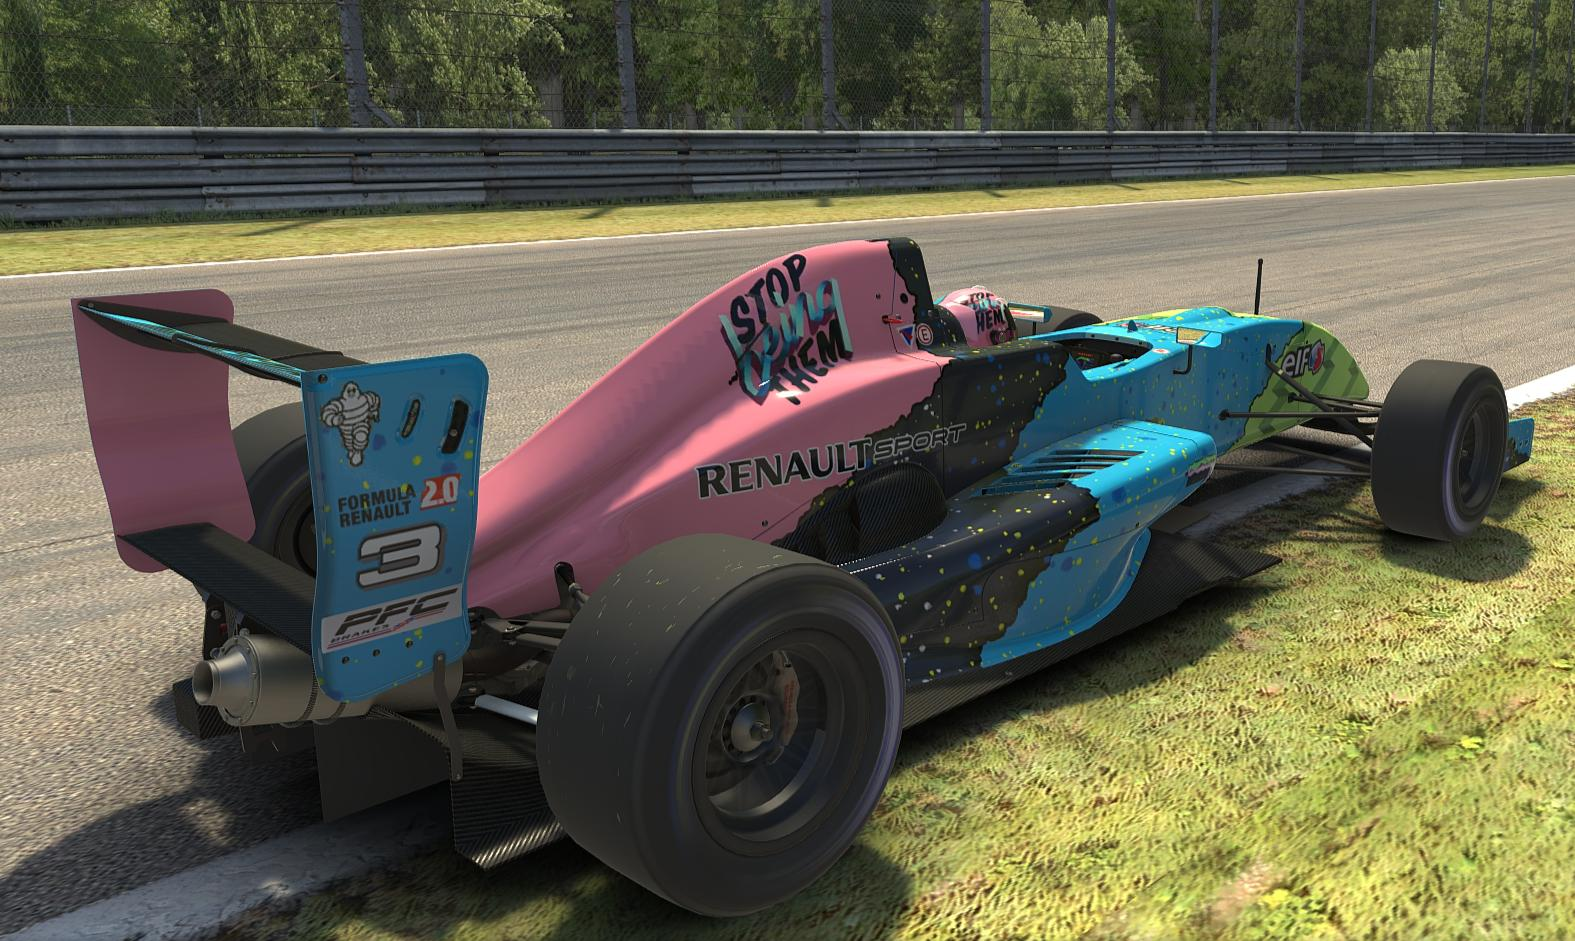 Preview of Ricciardo F1 Helmet design by Bas Imagineer